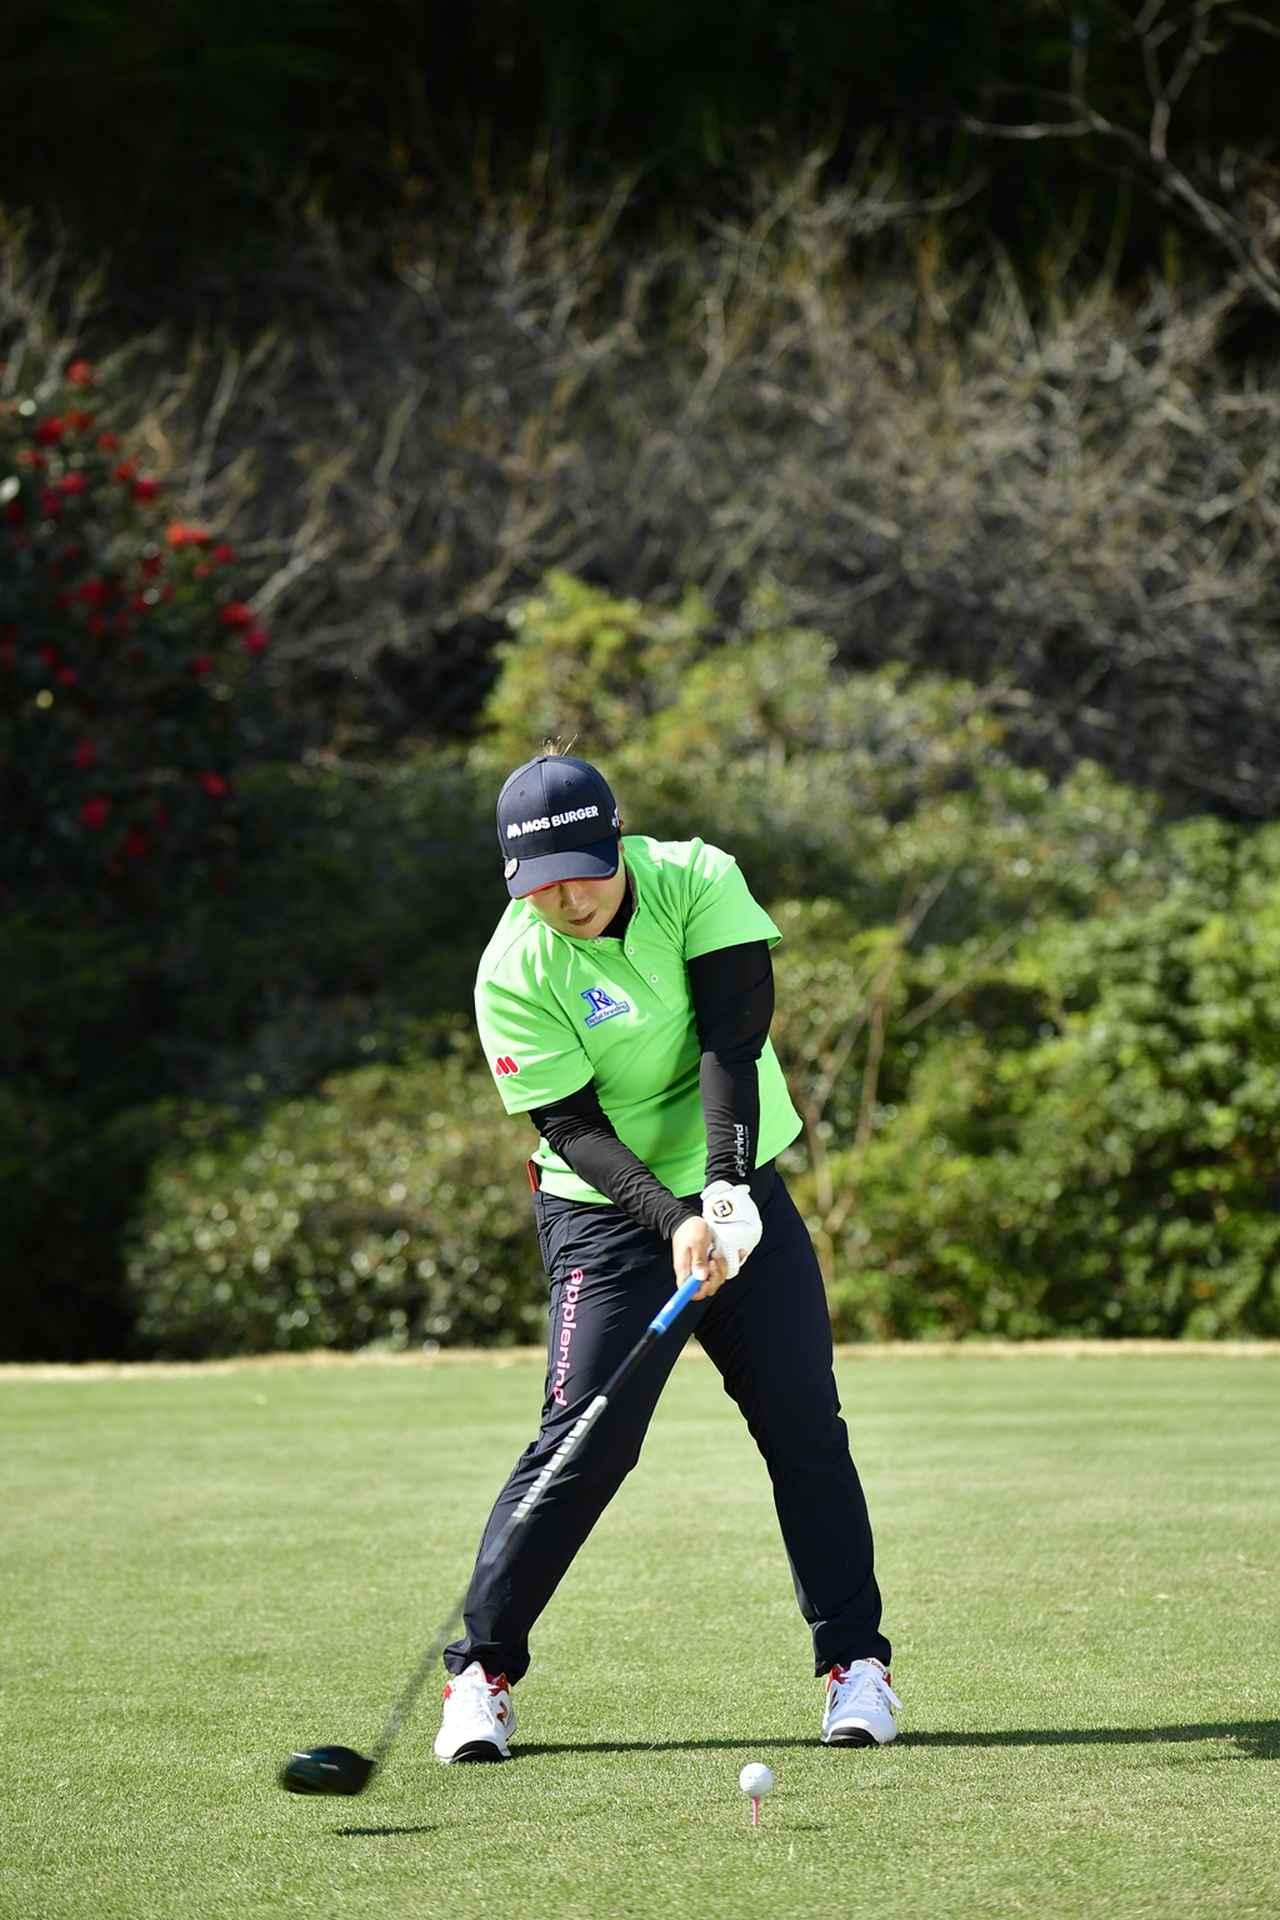 画像 : 13番目の画像 - アン・ソンジュのドライバー連続写真 - みんなのゴルフダイジェスト